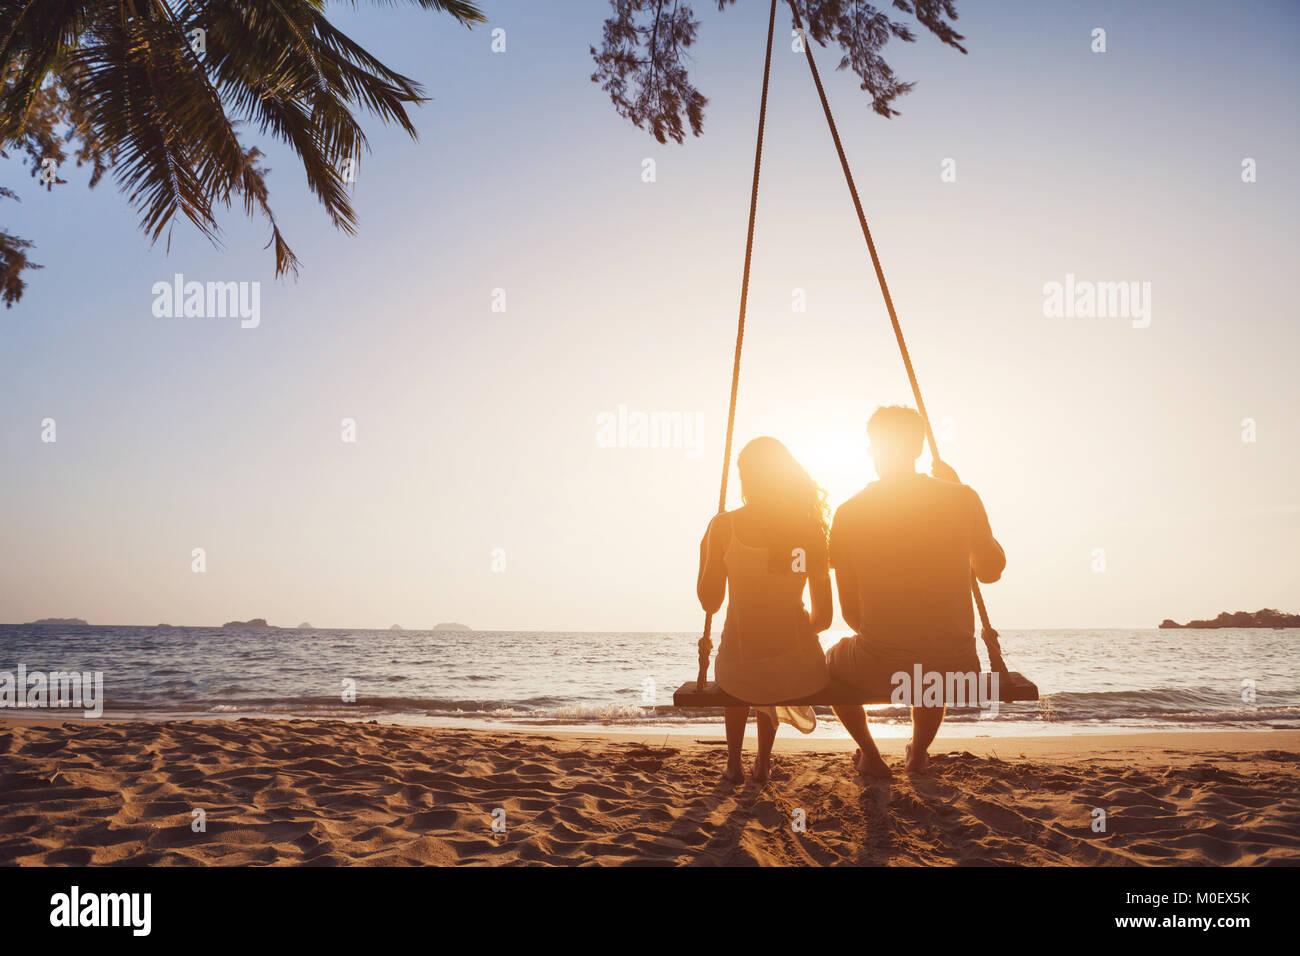 Pareja romántica en el amor sentados juntos en columpio en sunset beach, siluetas de hombre joven y mujer de Imagen De Stock